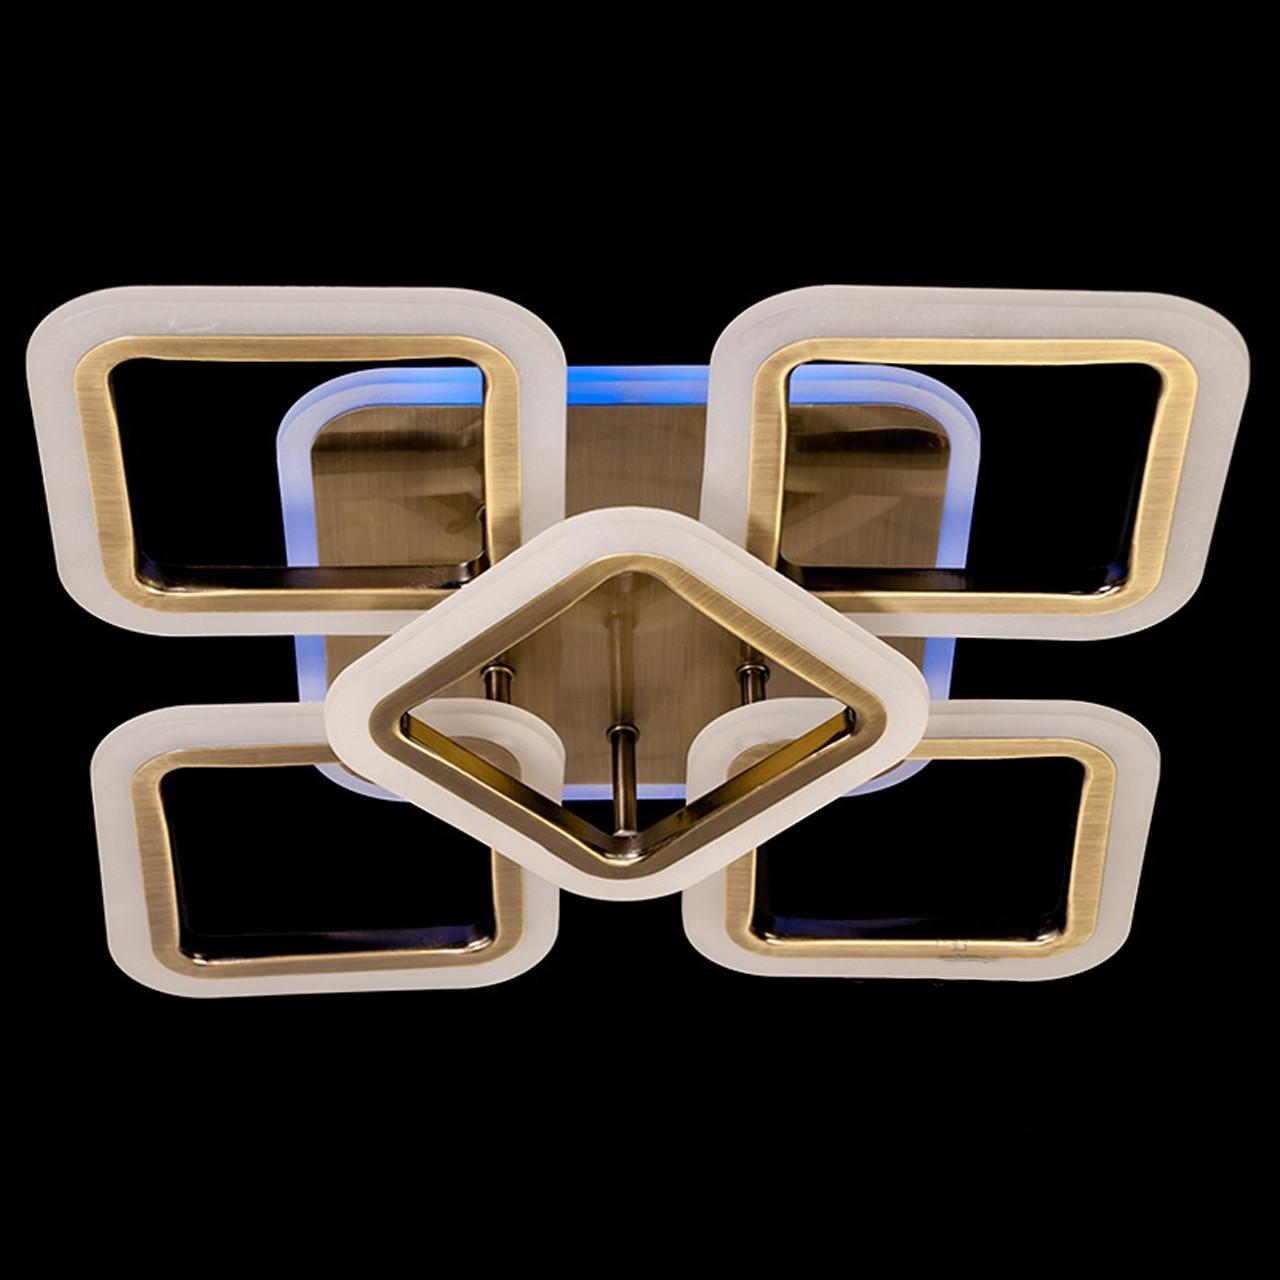 """Потолочная светодиодная люстра """"квадраты"""" 65 Вт античная бронза с подсветкой D-3511/4+1BR LED"""